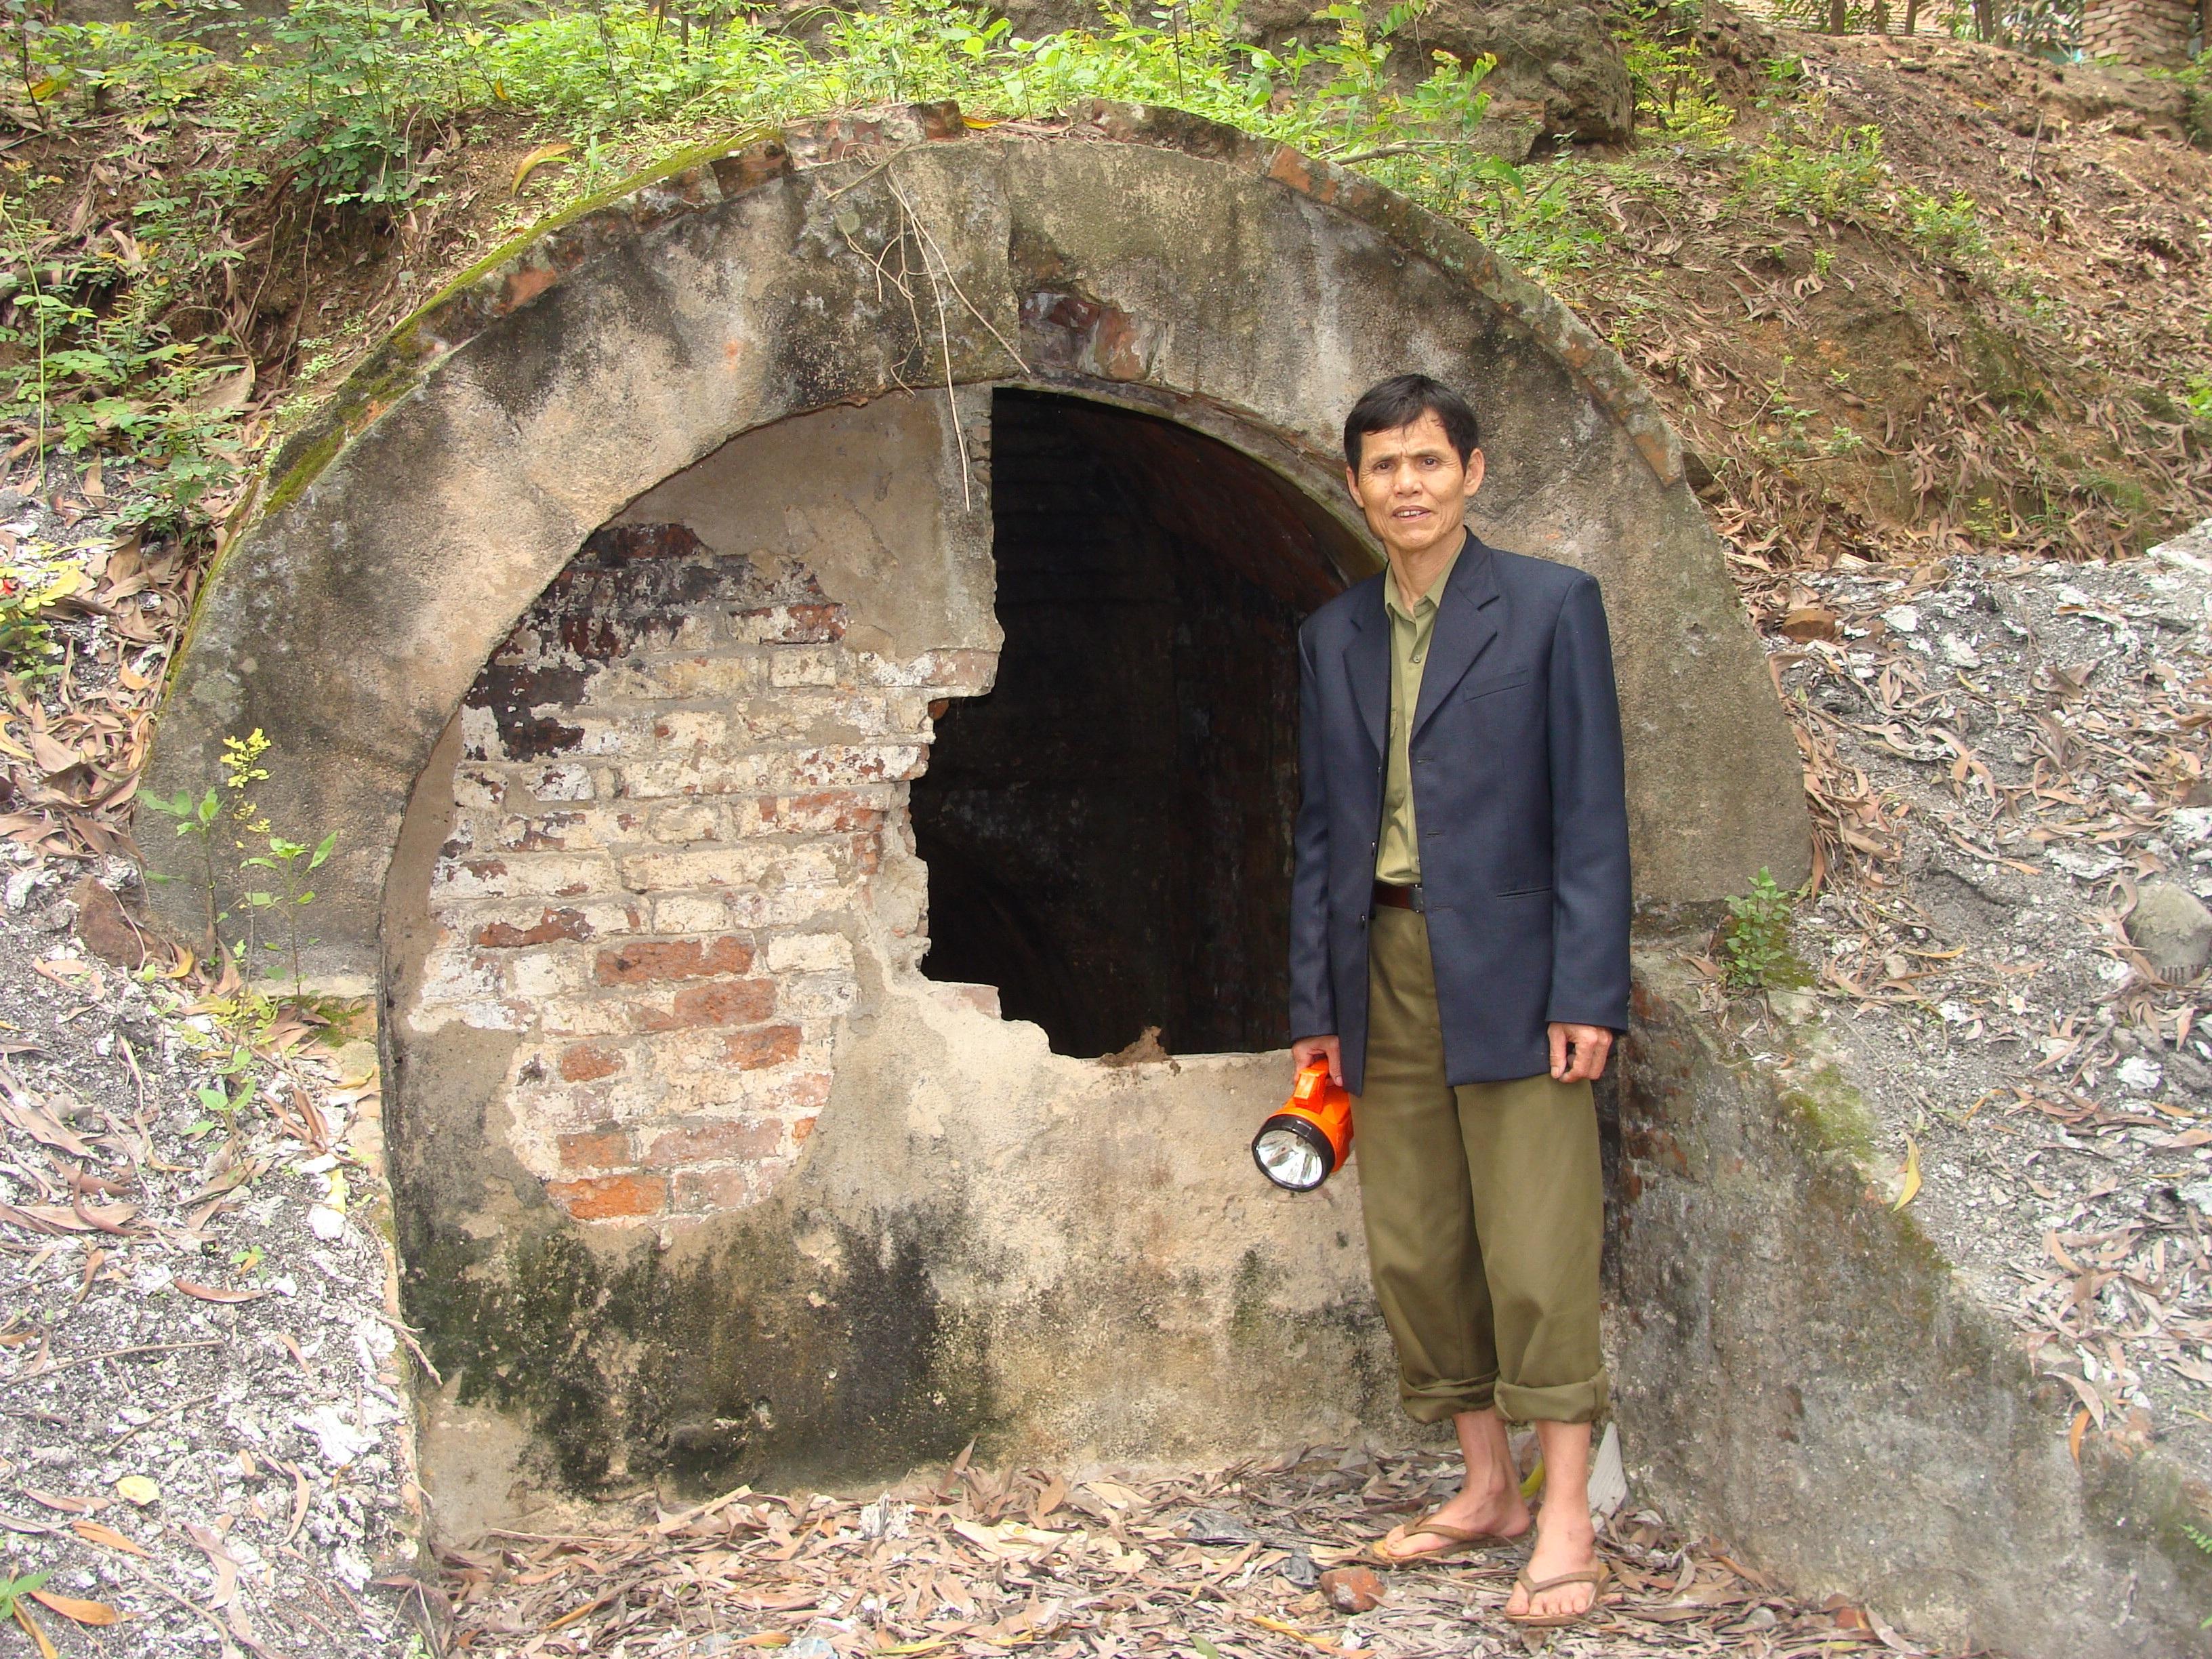 Ông Nguyễn Ngọc Thuỳ bên miệng đường hầm xuyên qua lòng núi phía sau đền thờ Bà Chúa Kho.